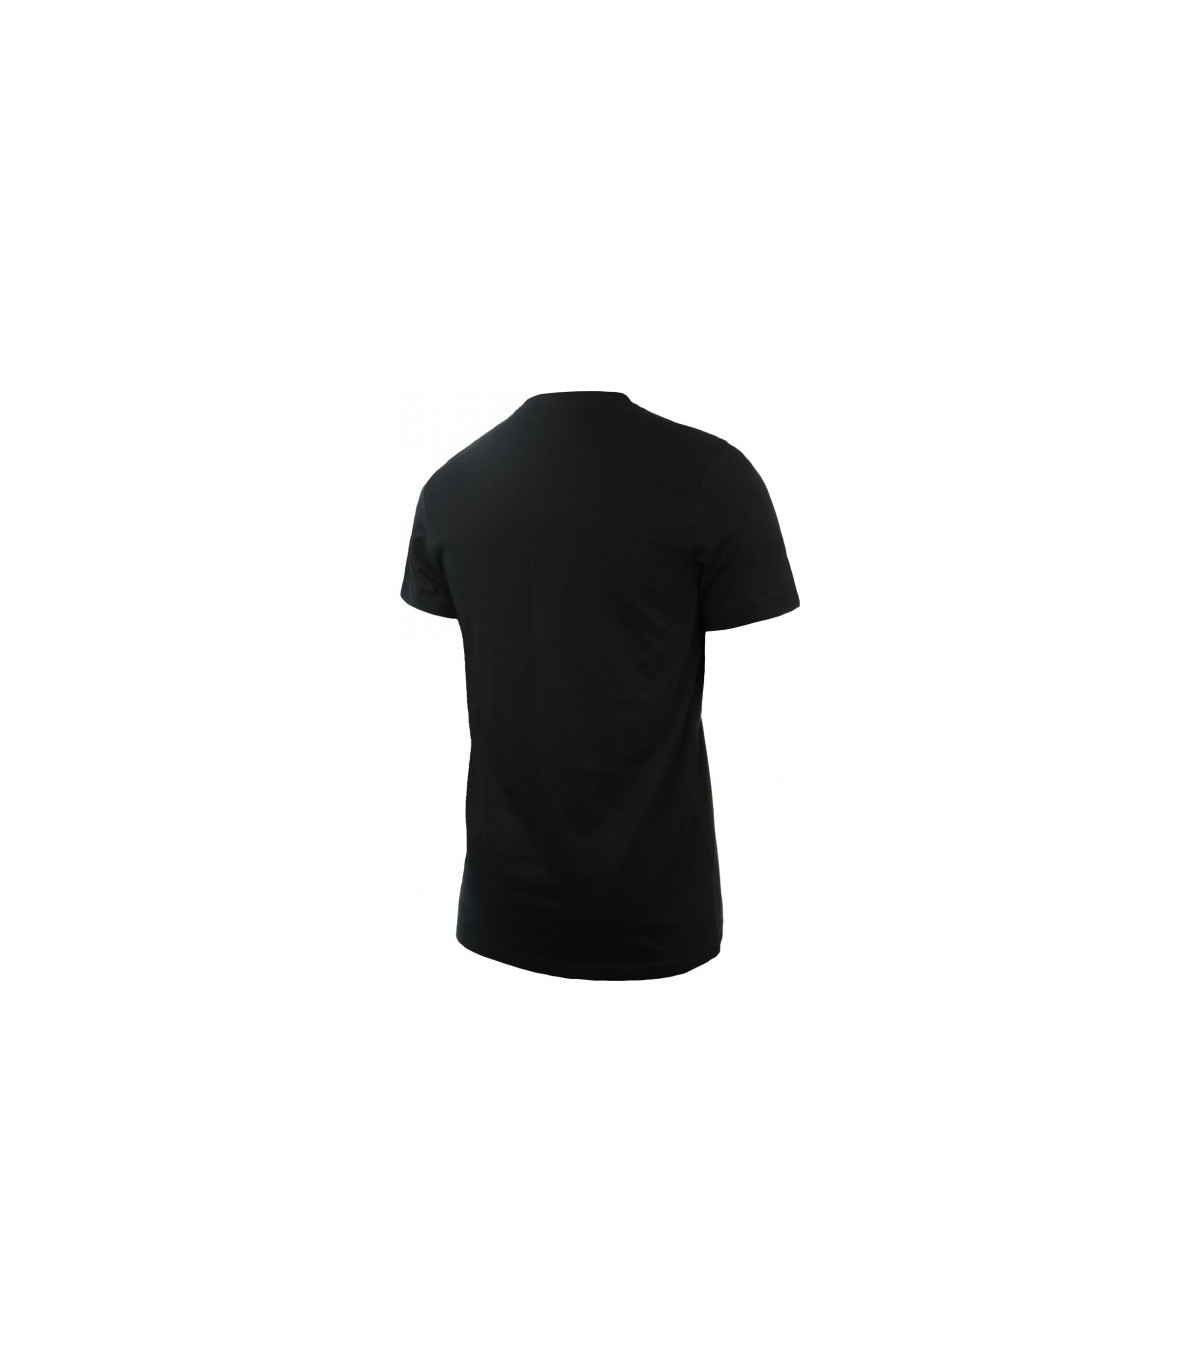 dcb6c23e02ef ... Adidas T-Shirt Ess Logo Men Black · Adidas ...